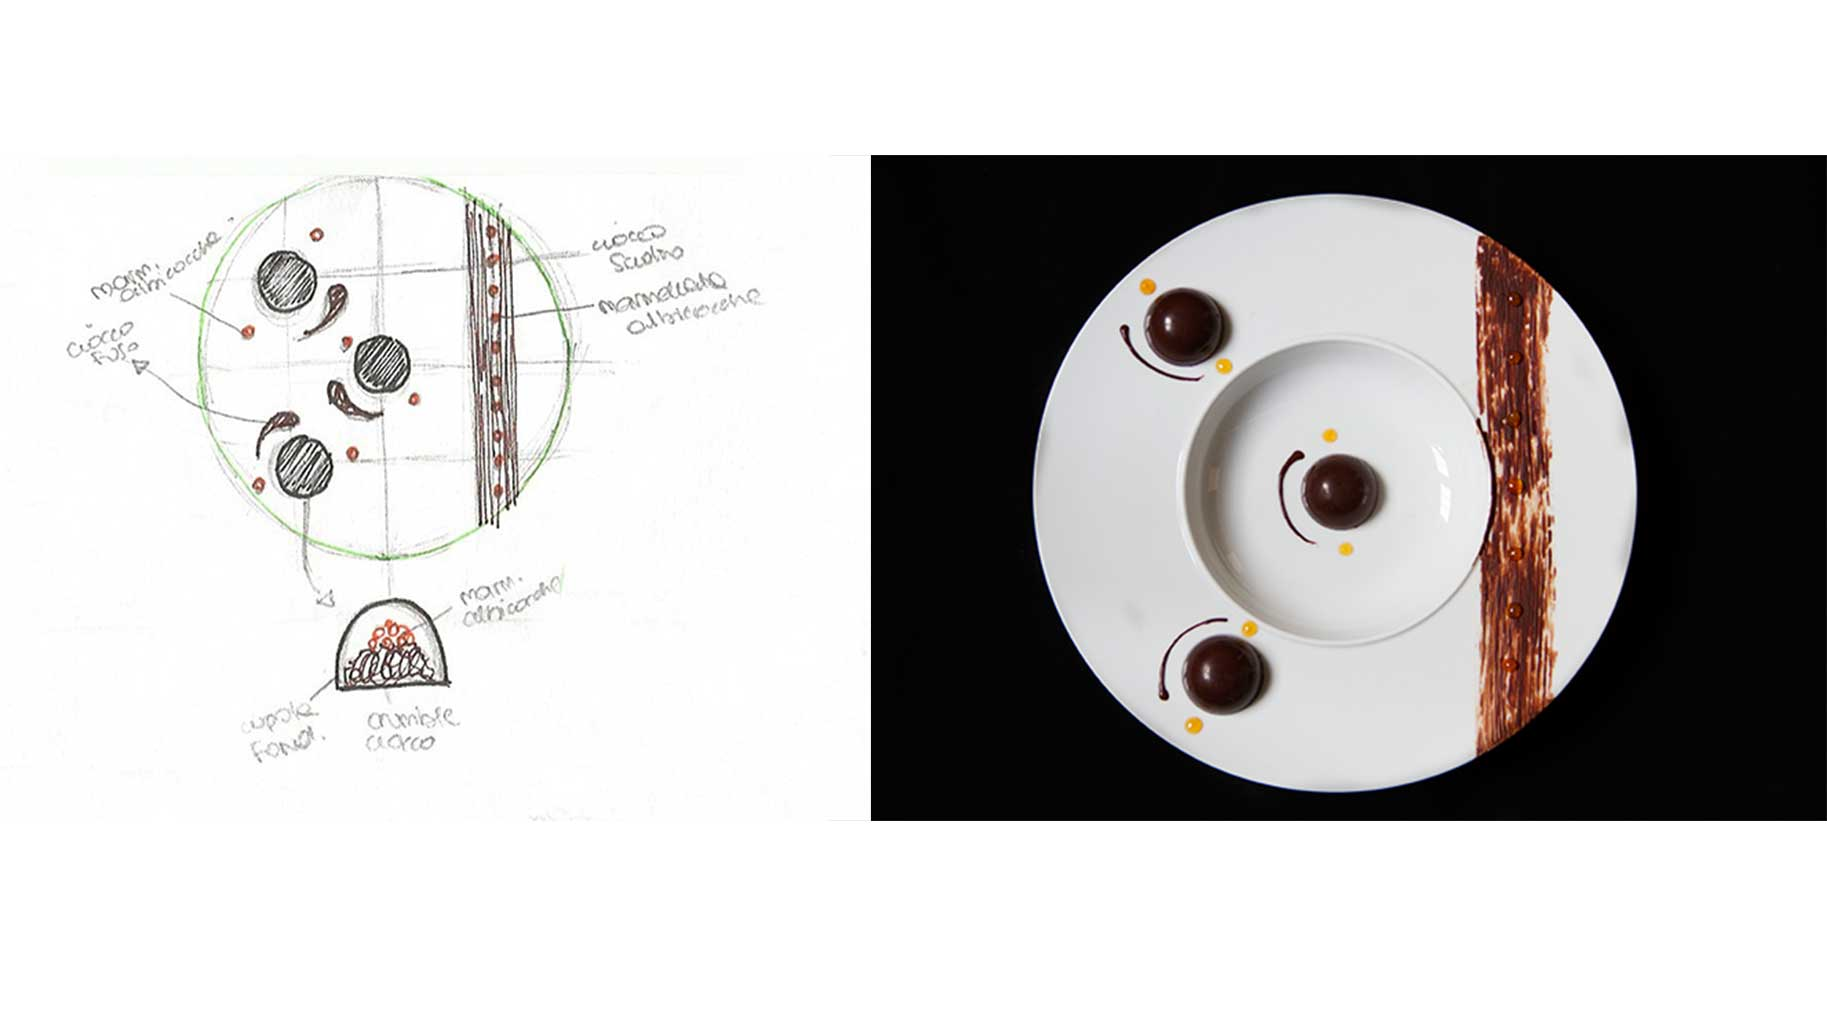 Impiattamento per contest Taste&More realizzato dalla food blogger Nicol Pini del blog Col Cavolo